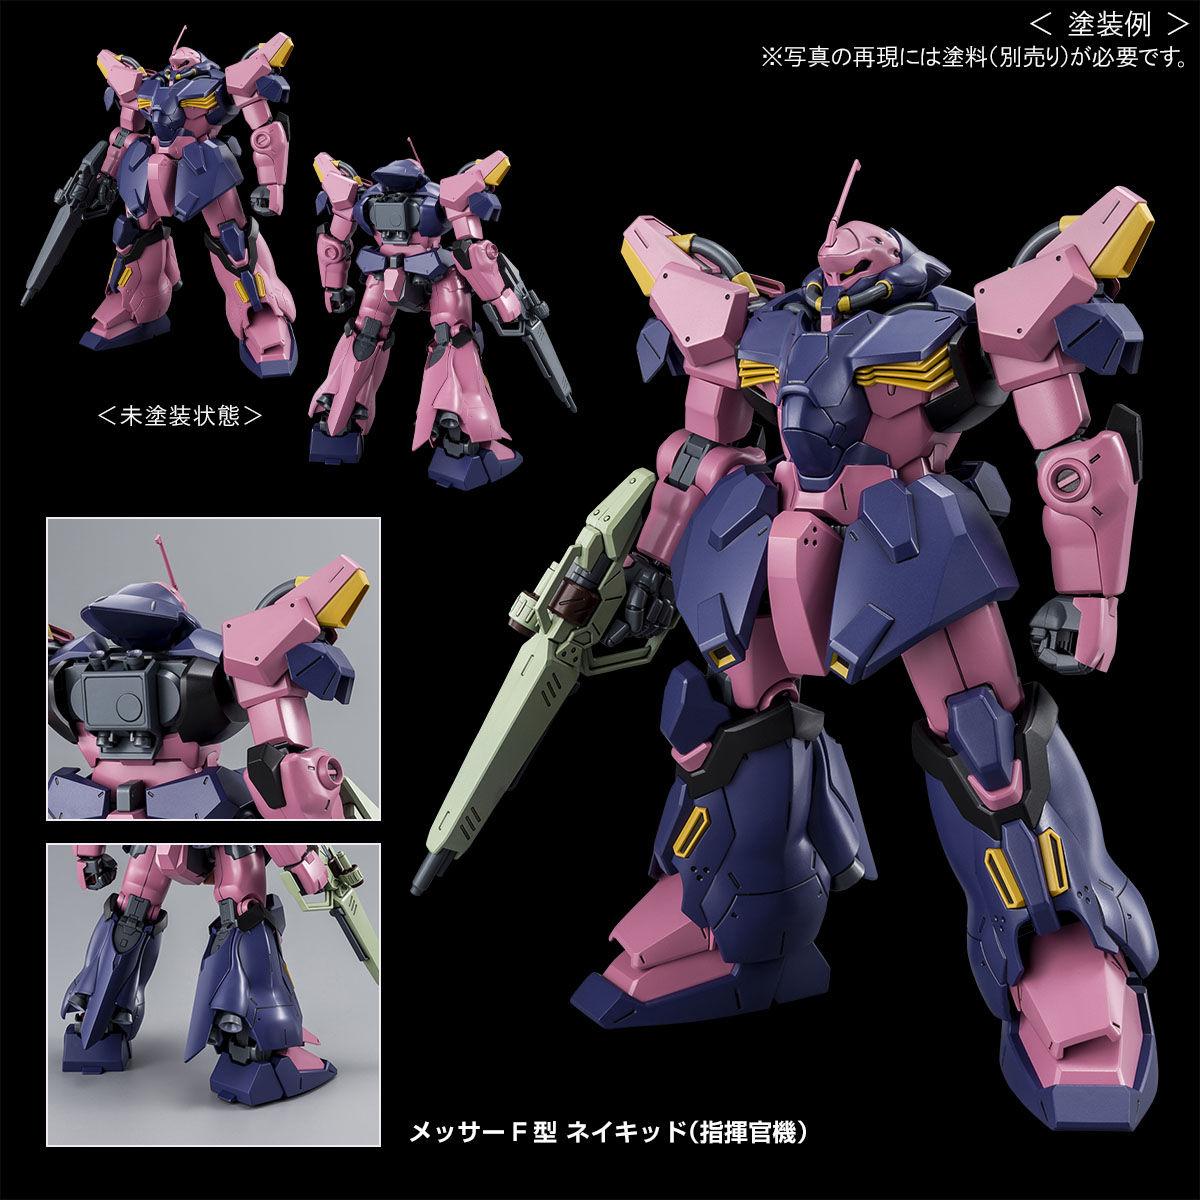 【限定販売】HG 1/144『メッサーF02型』機動戦士ガンダム 閃光のハサウェイ プラモデル-016